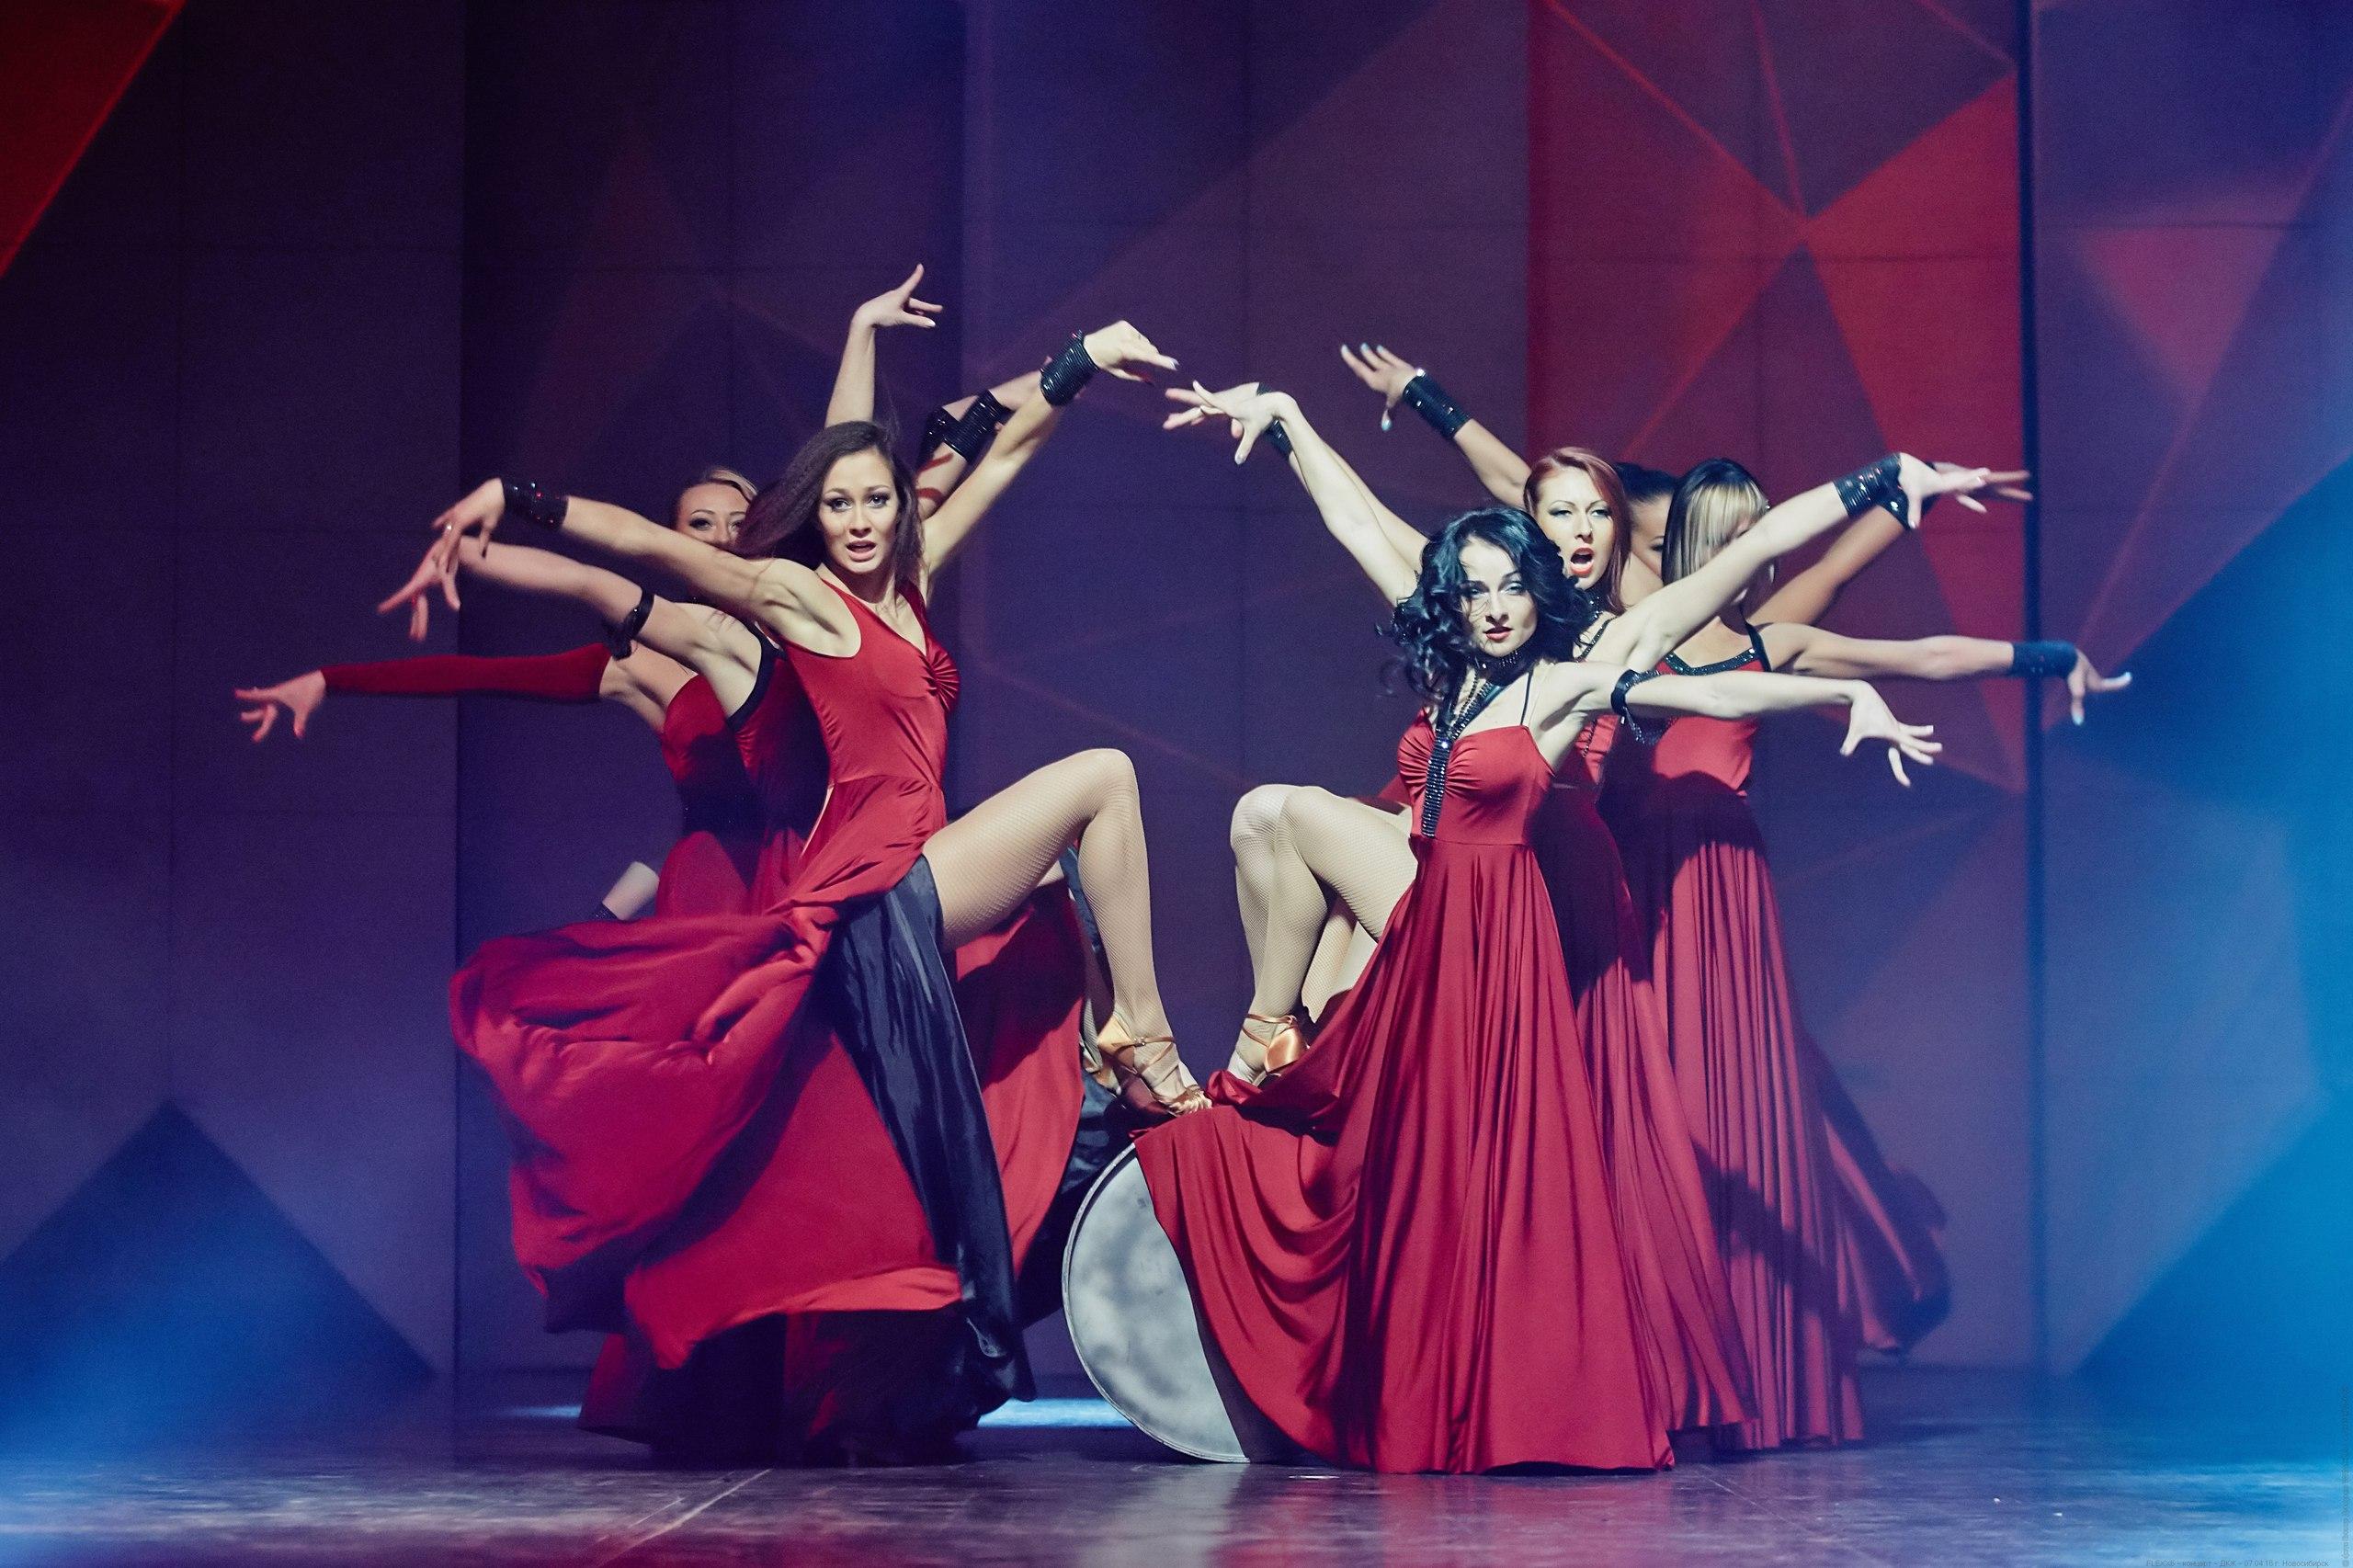 информация теле шоу танцы 2017 выступление волгоградцев коттеджи склоне рельефу